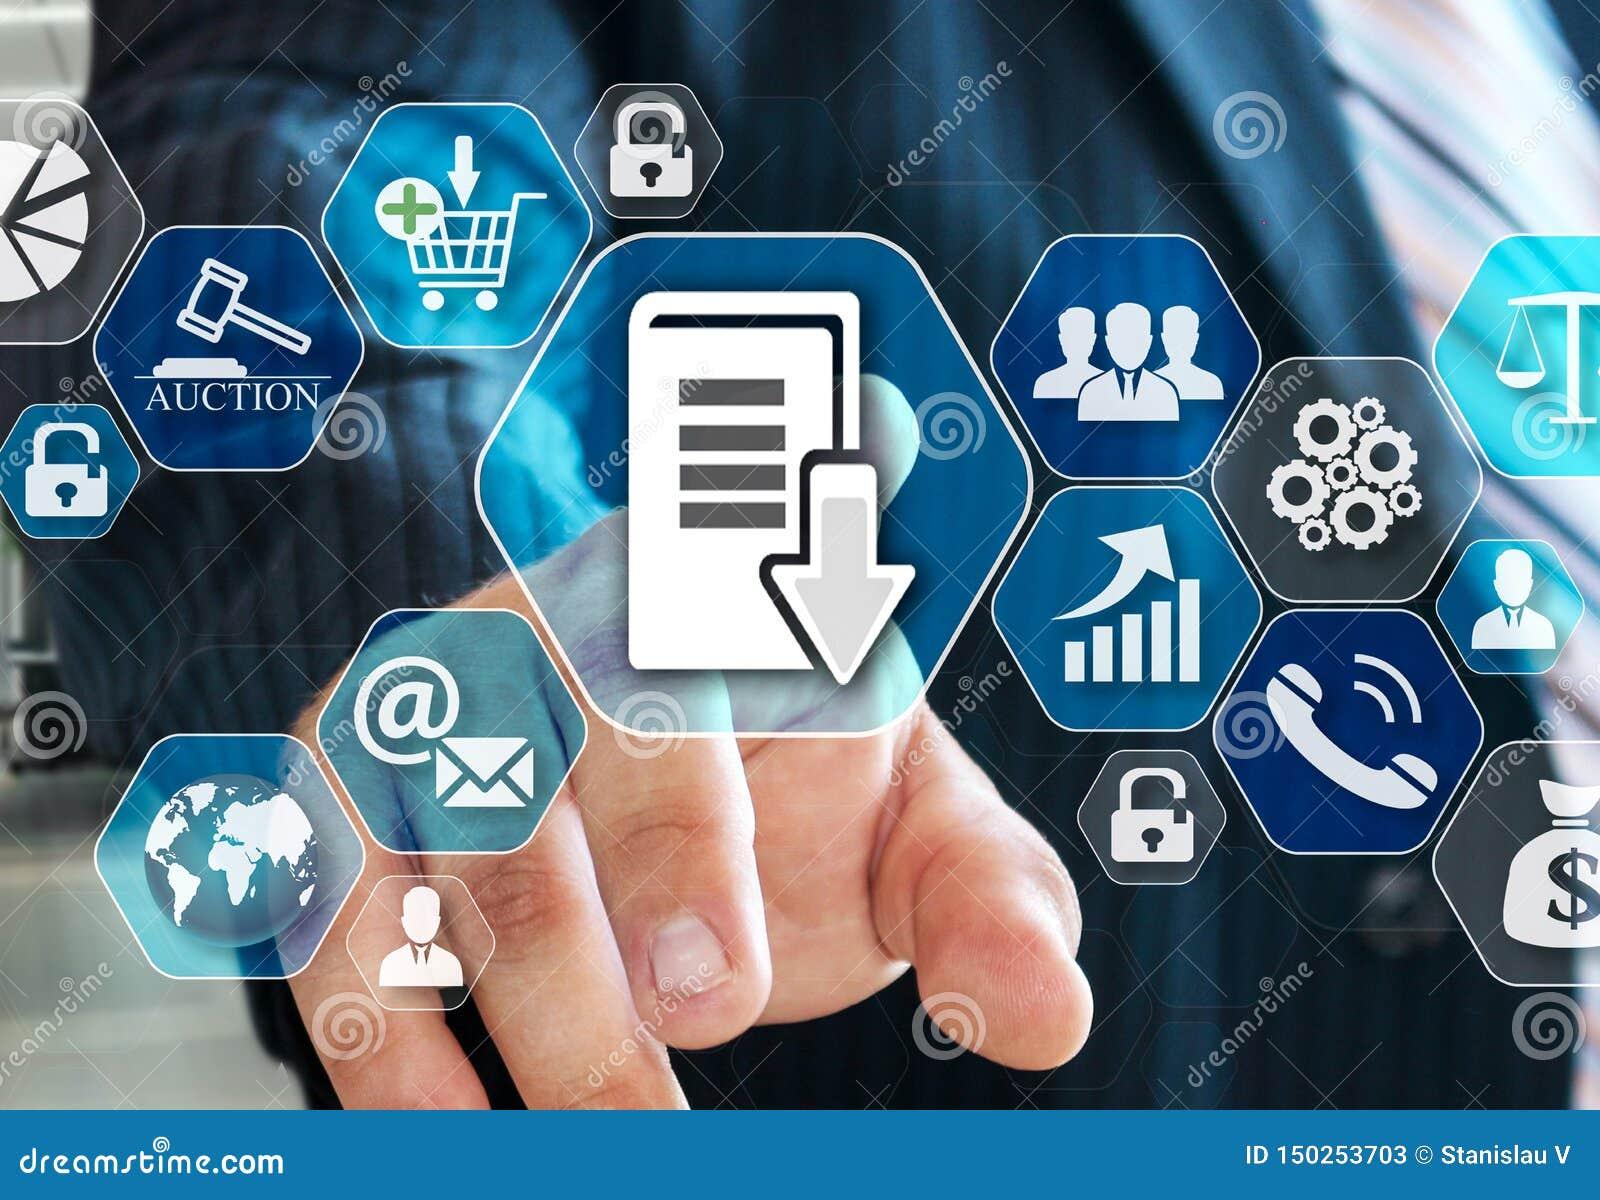 Ο επιχειρηματίας επιλέγει το σύστημα διαχείρισης εγγράφων, DSM στην εικονική οθόνη στην κοινωνική σύνδεση δικτύων